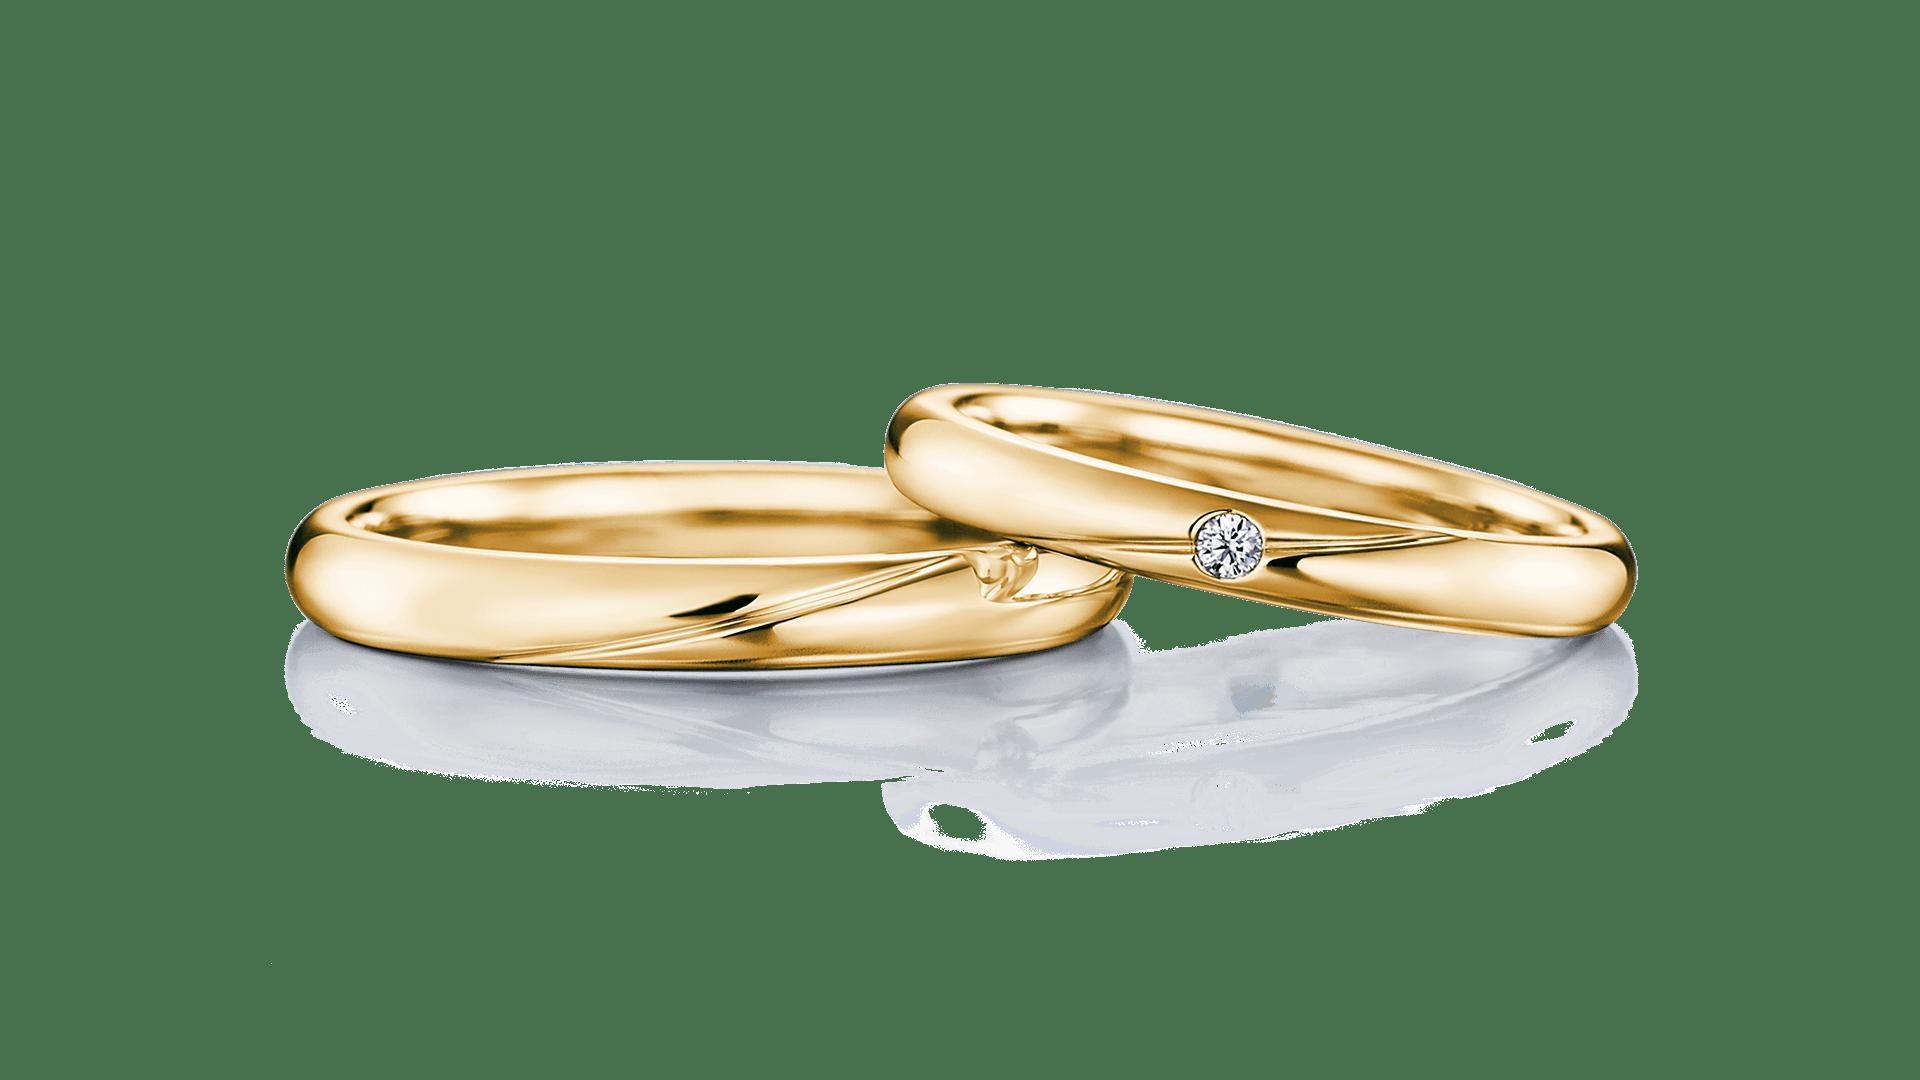 horus ホルス | 結婚指輪サムネイル 1